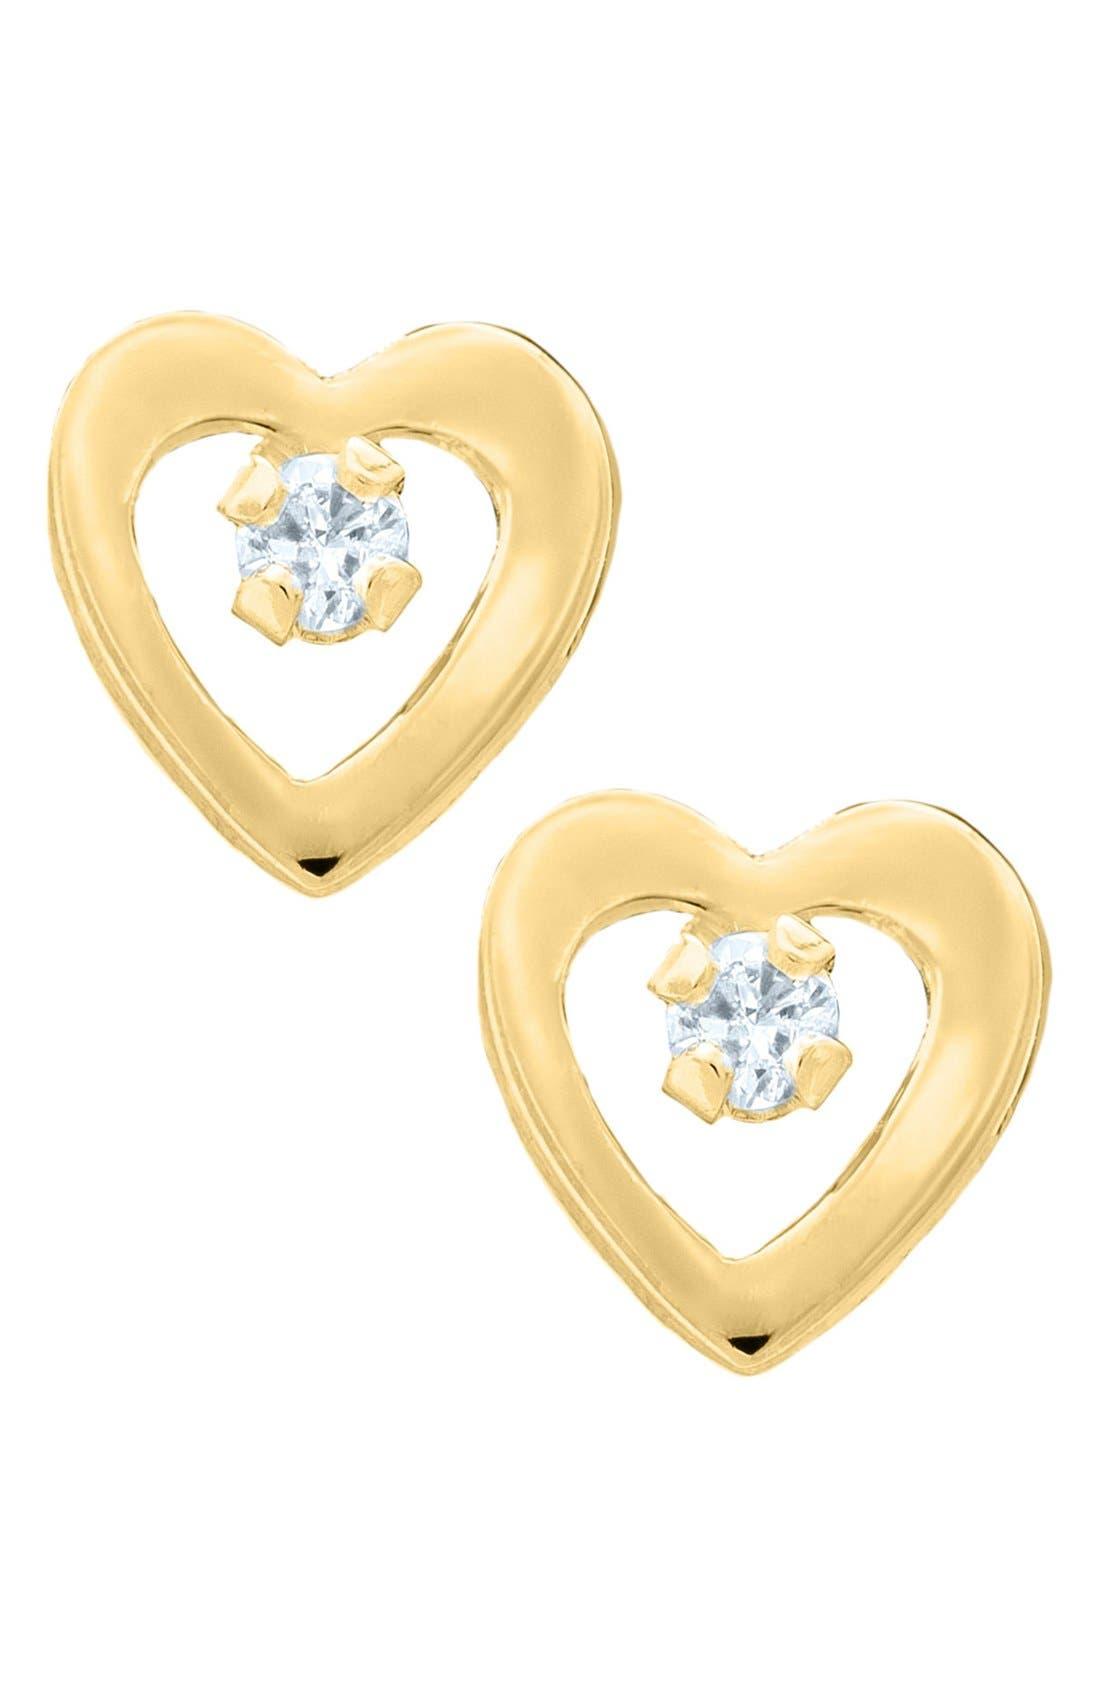 MIGNONETTE 14k Yellow Gold & Diamond Open Heart Earrings